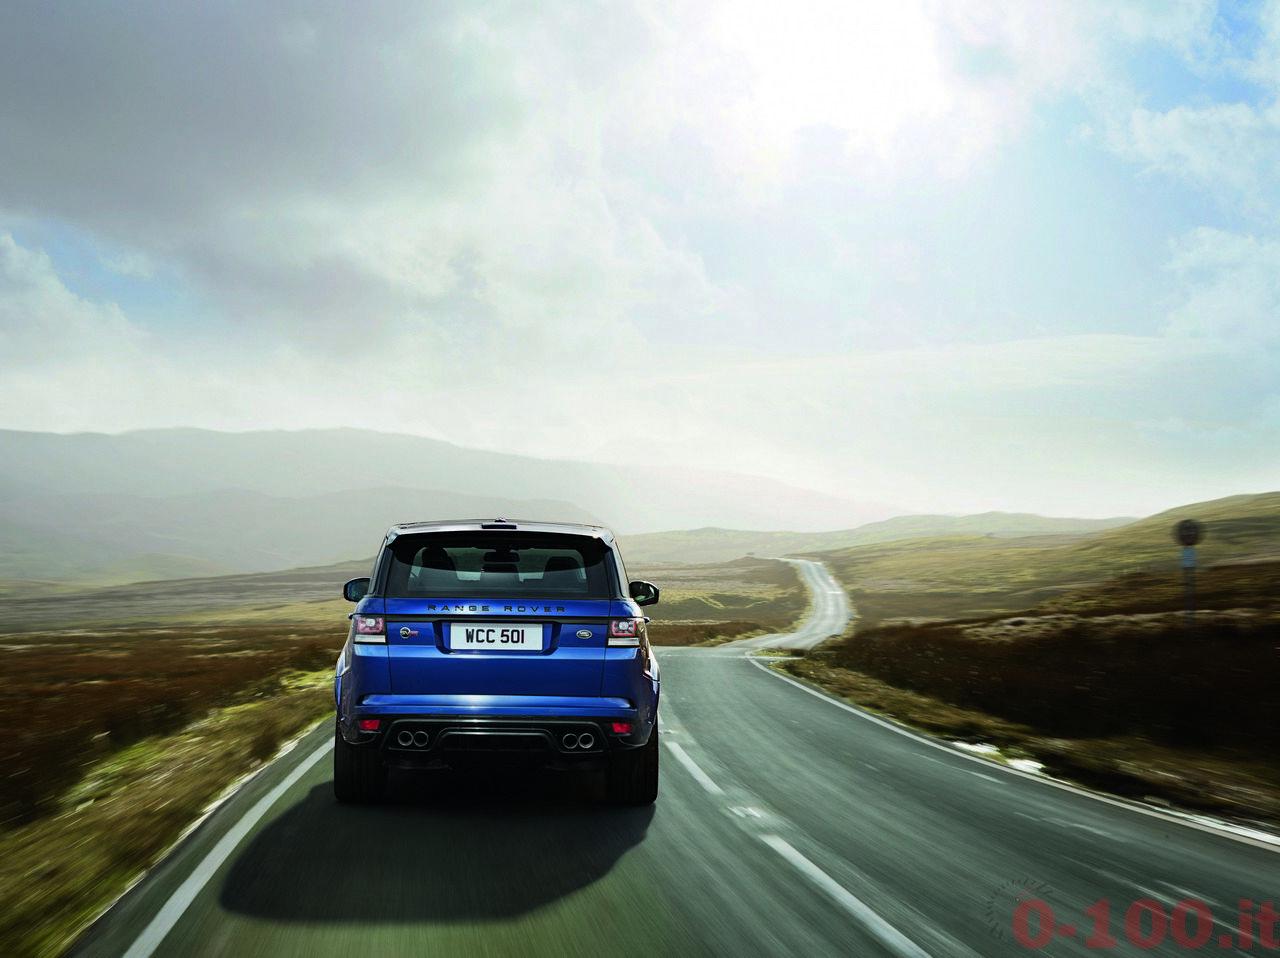 land-rover-range-rover-sport-svr-0-100-price-prezzo_12